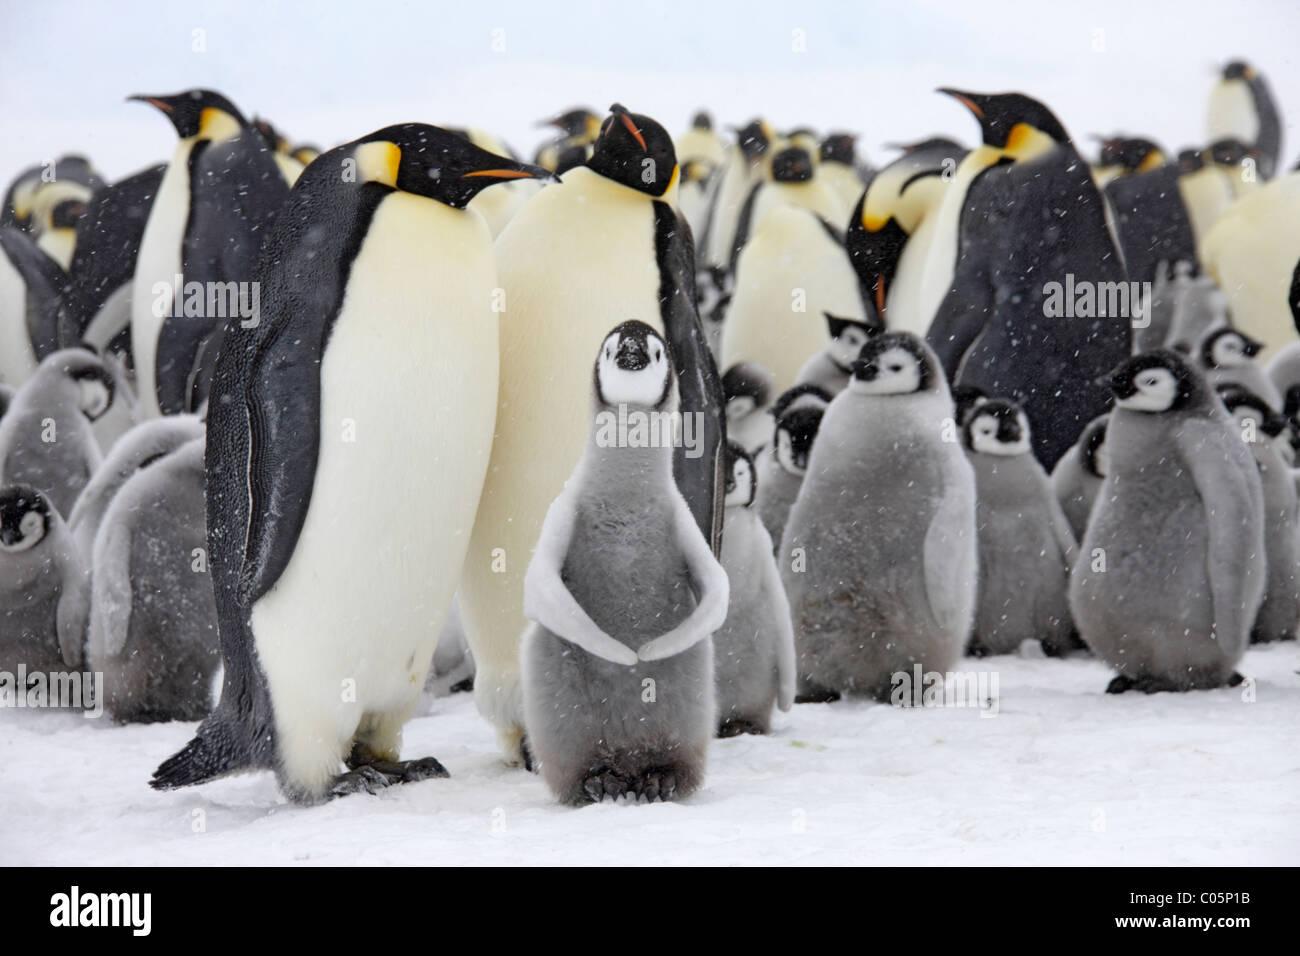 La colonia de pingüinos emperador con pollitos, Octubre, la isla Snow Hill, Mar de Weddell, en la Antártida. Imagen De Stock